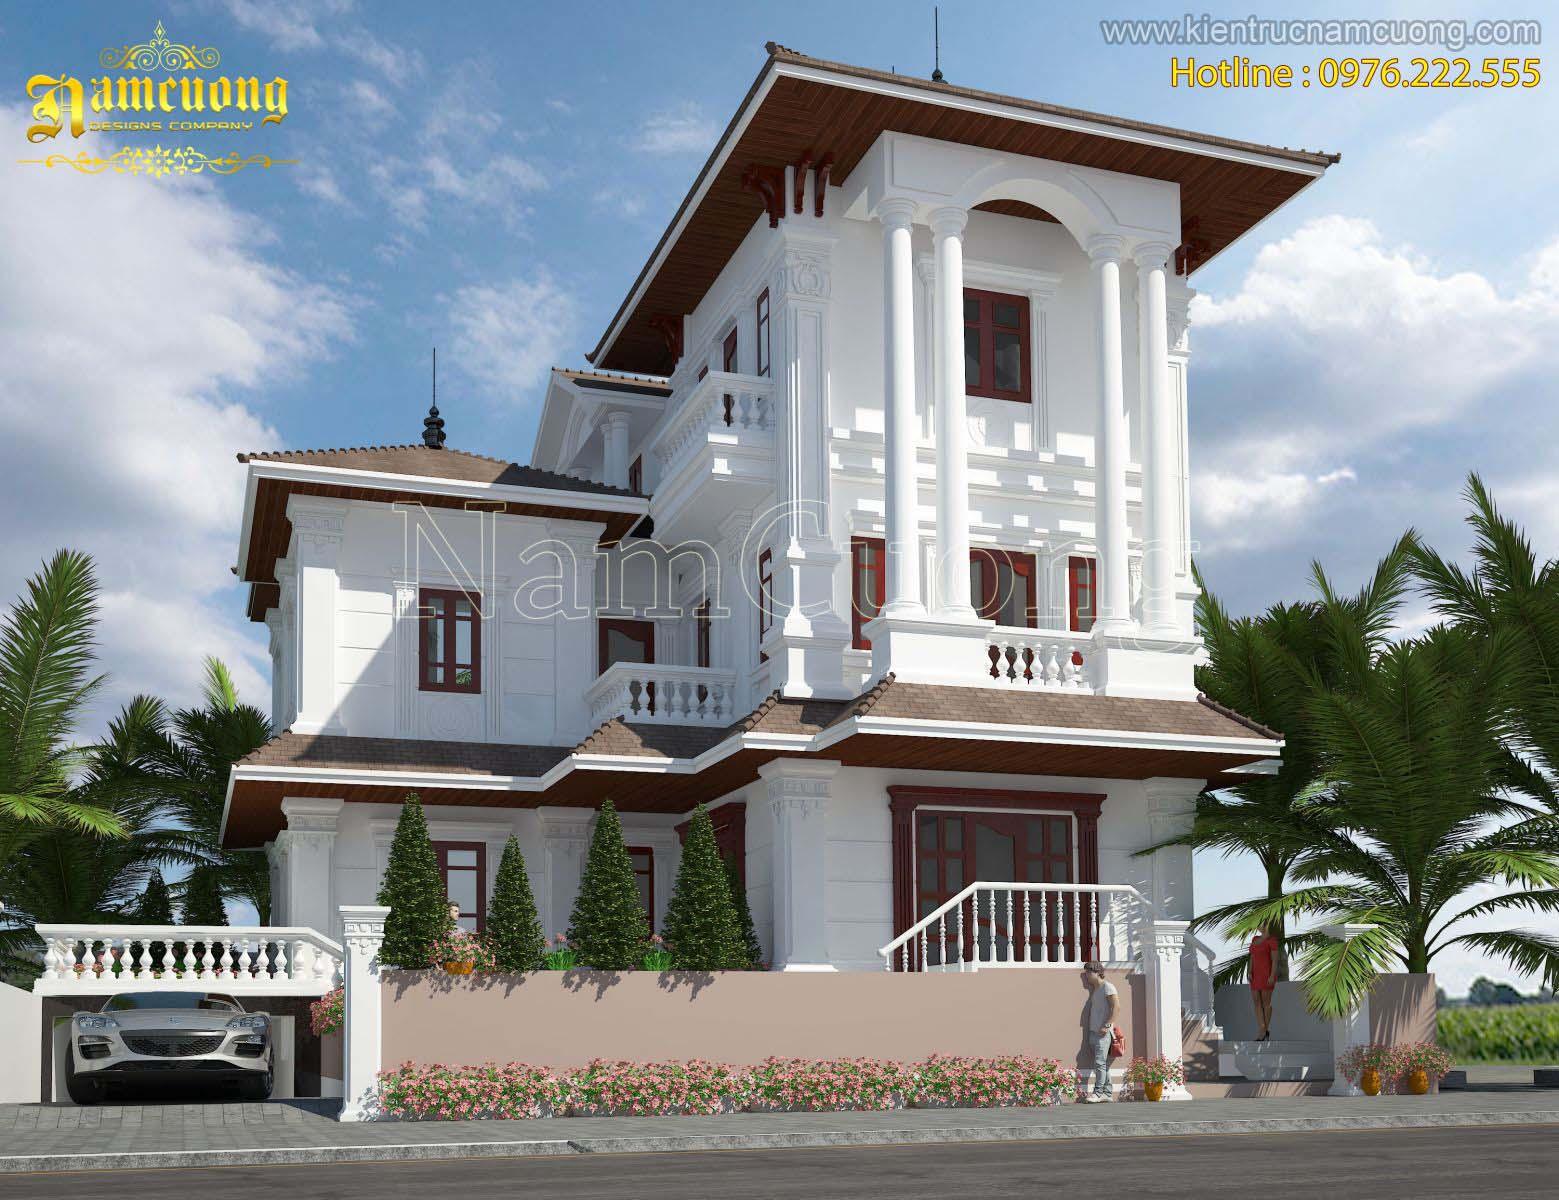 Mẫu thiết kế biệt thự tân cổ điển đẹp của CĐT anh Qúy tại Quảng Bình - BTTCD 002